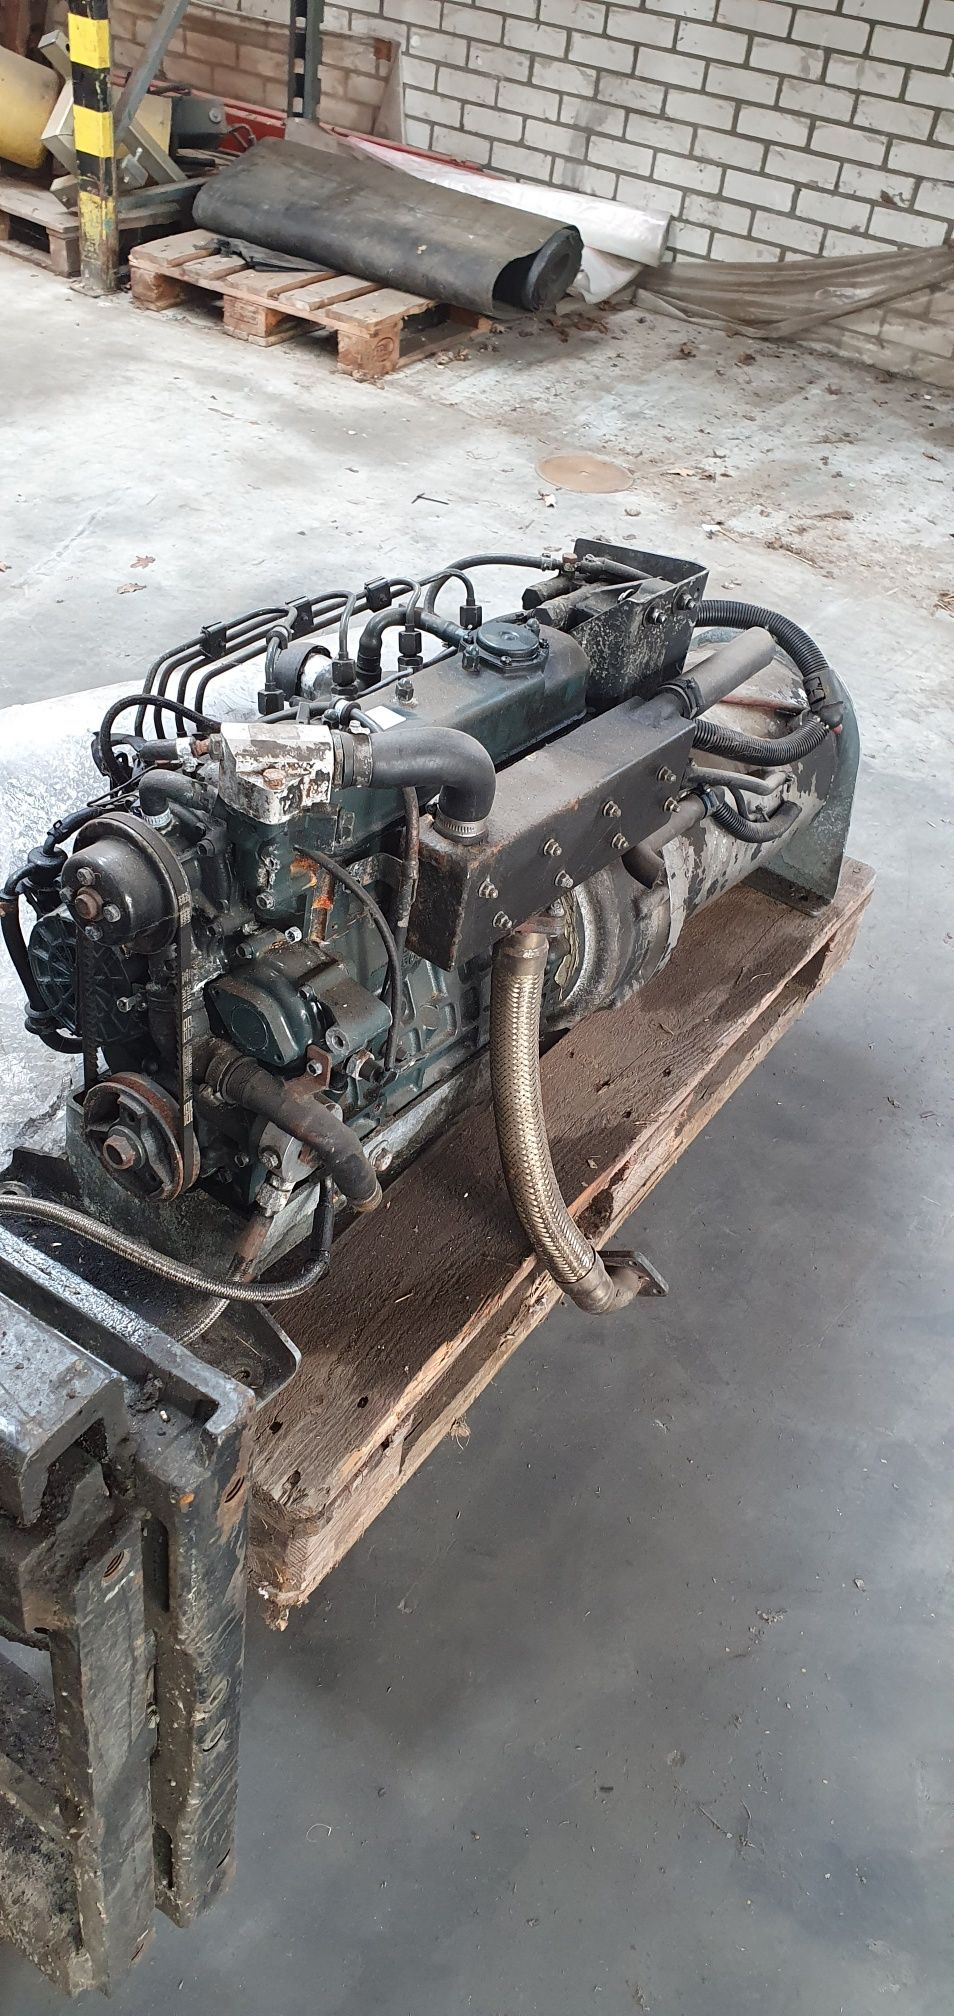 KUBOTA V1505 dieselmotor 4 cilinder met startmotor